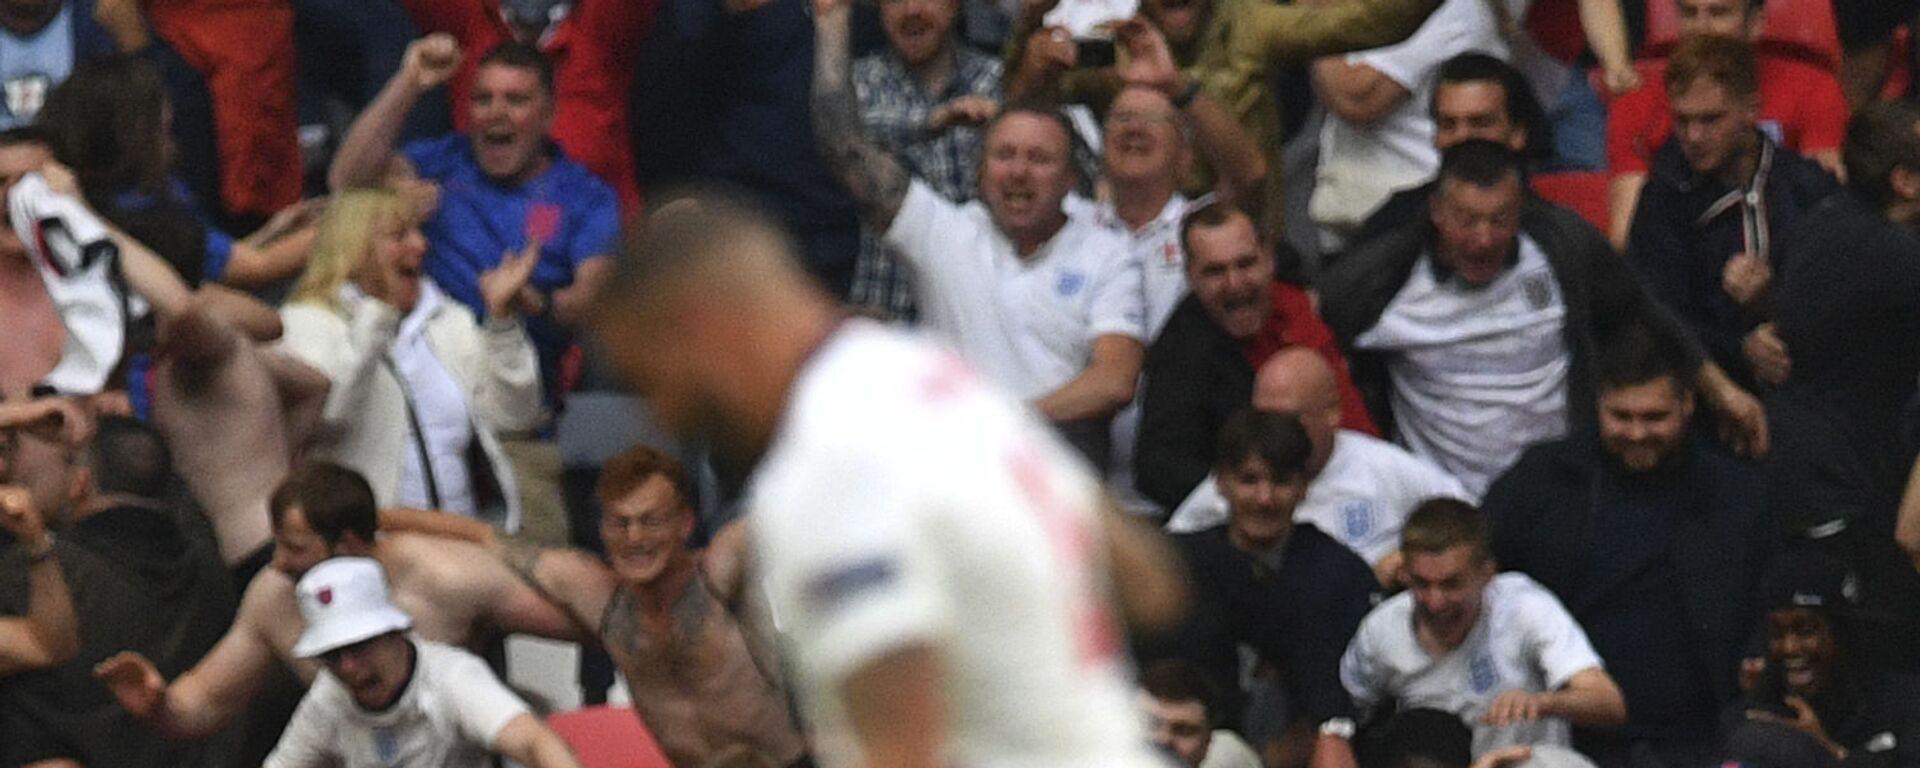 Hráč Anglie poté, co vstřelil gól proti Německu na EURO 2020 - Sputnik Česká republika, 1920, 05.08.2021